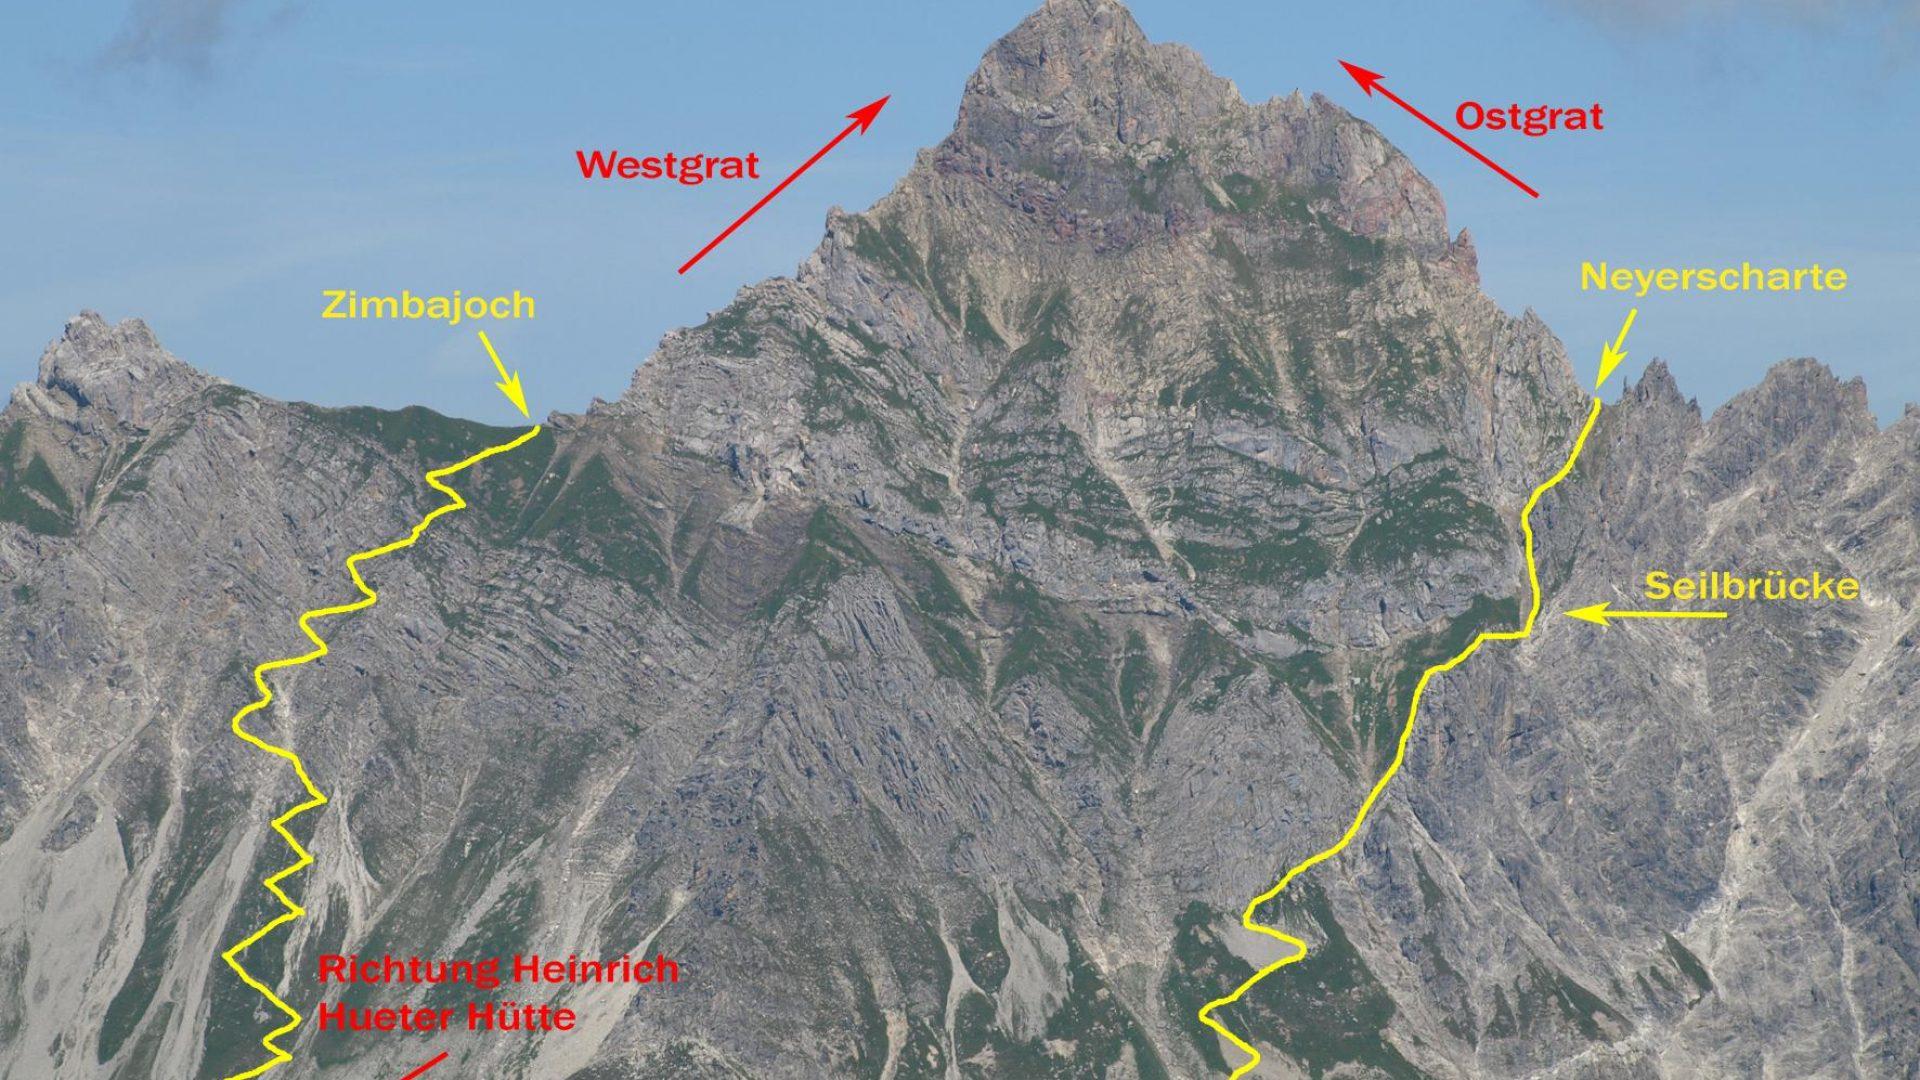 Klettersteig Map : Klettersteige in vorarlberg